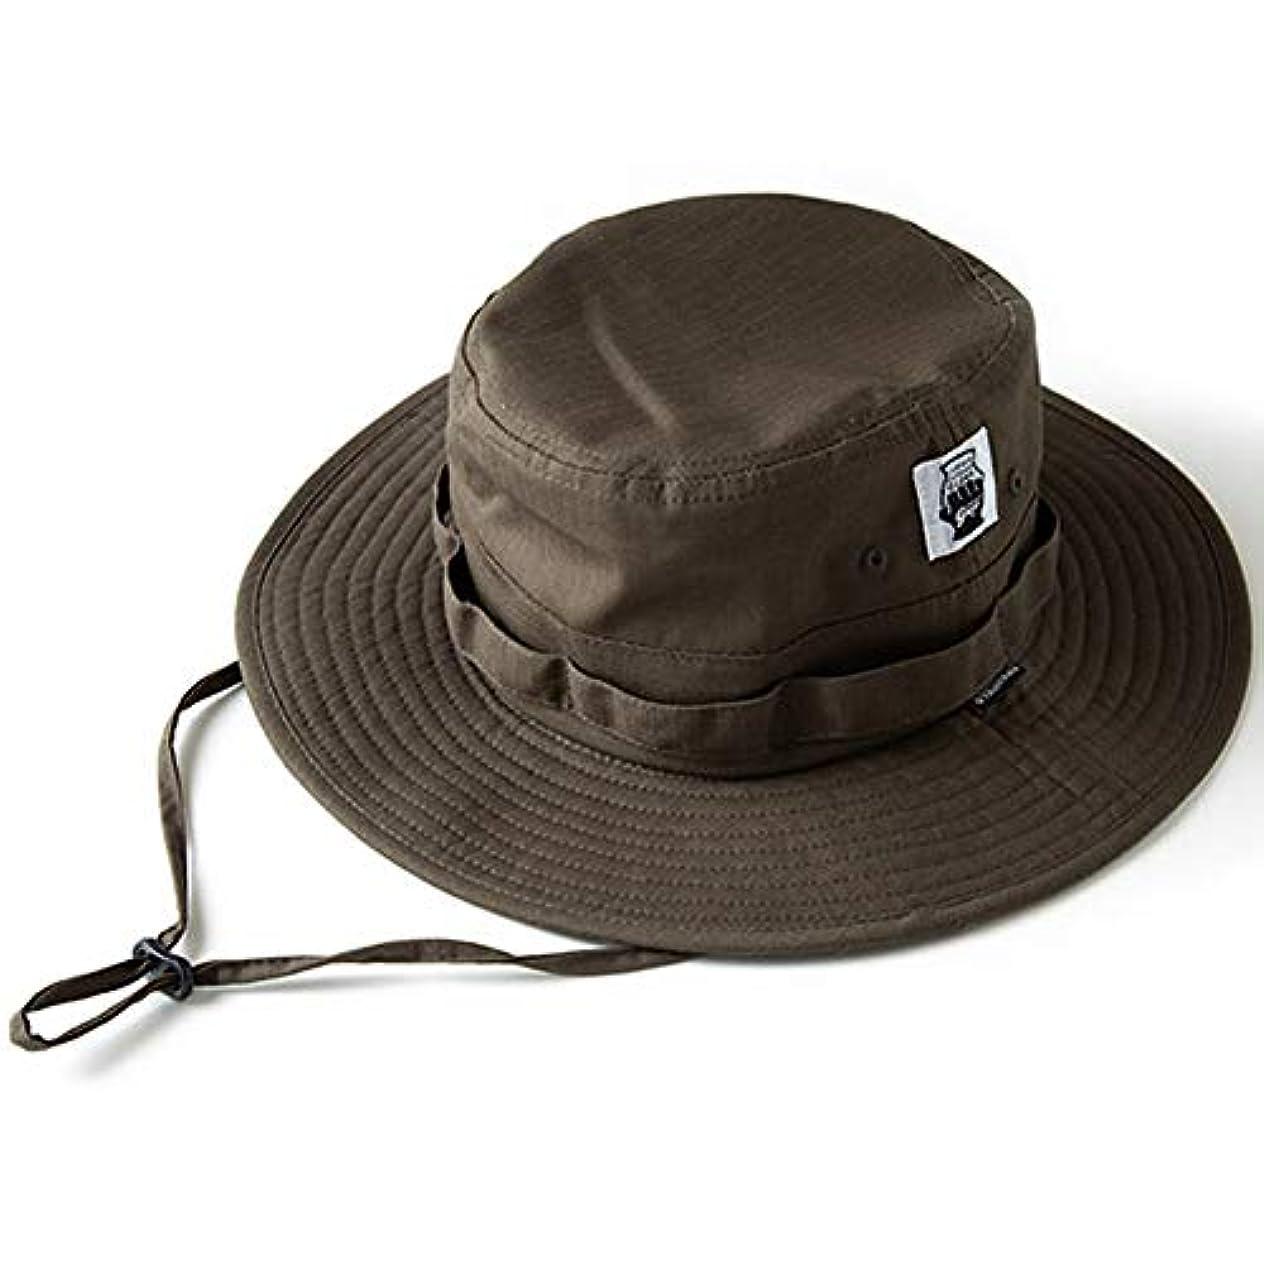 牛禁止するレインコートGRIP SWANY(グリップスワニー) [GSA-38] FP CAMP HAT キャンプハット